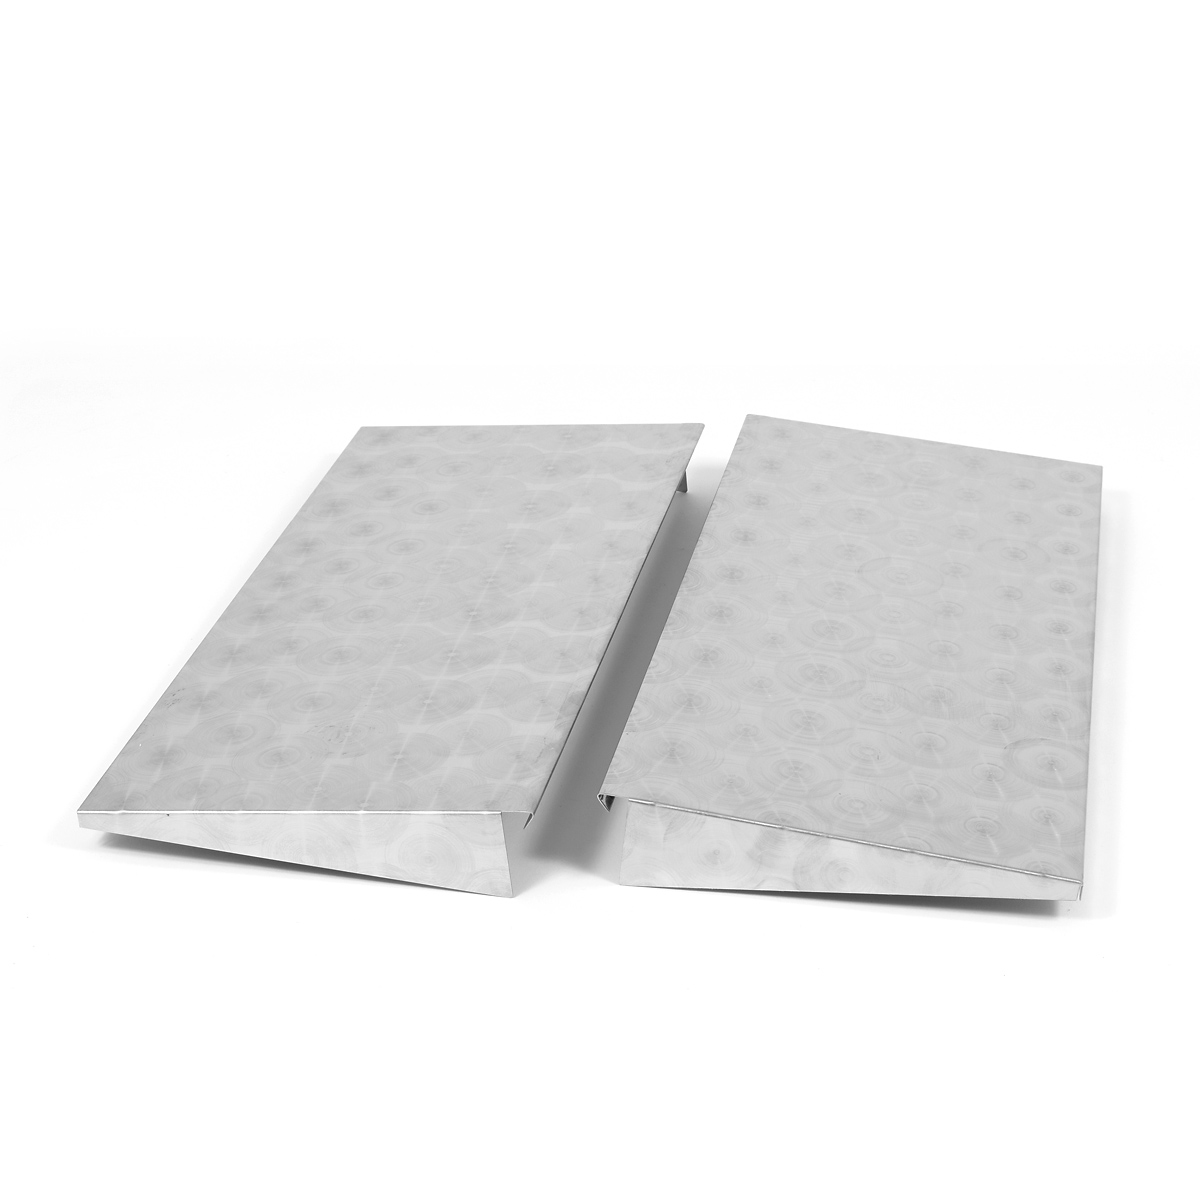 Abstellplatten-Set (1Paar=2Stück) für Grill/Bräter